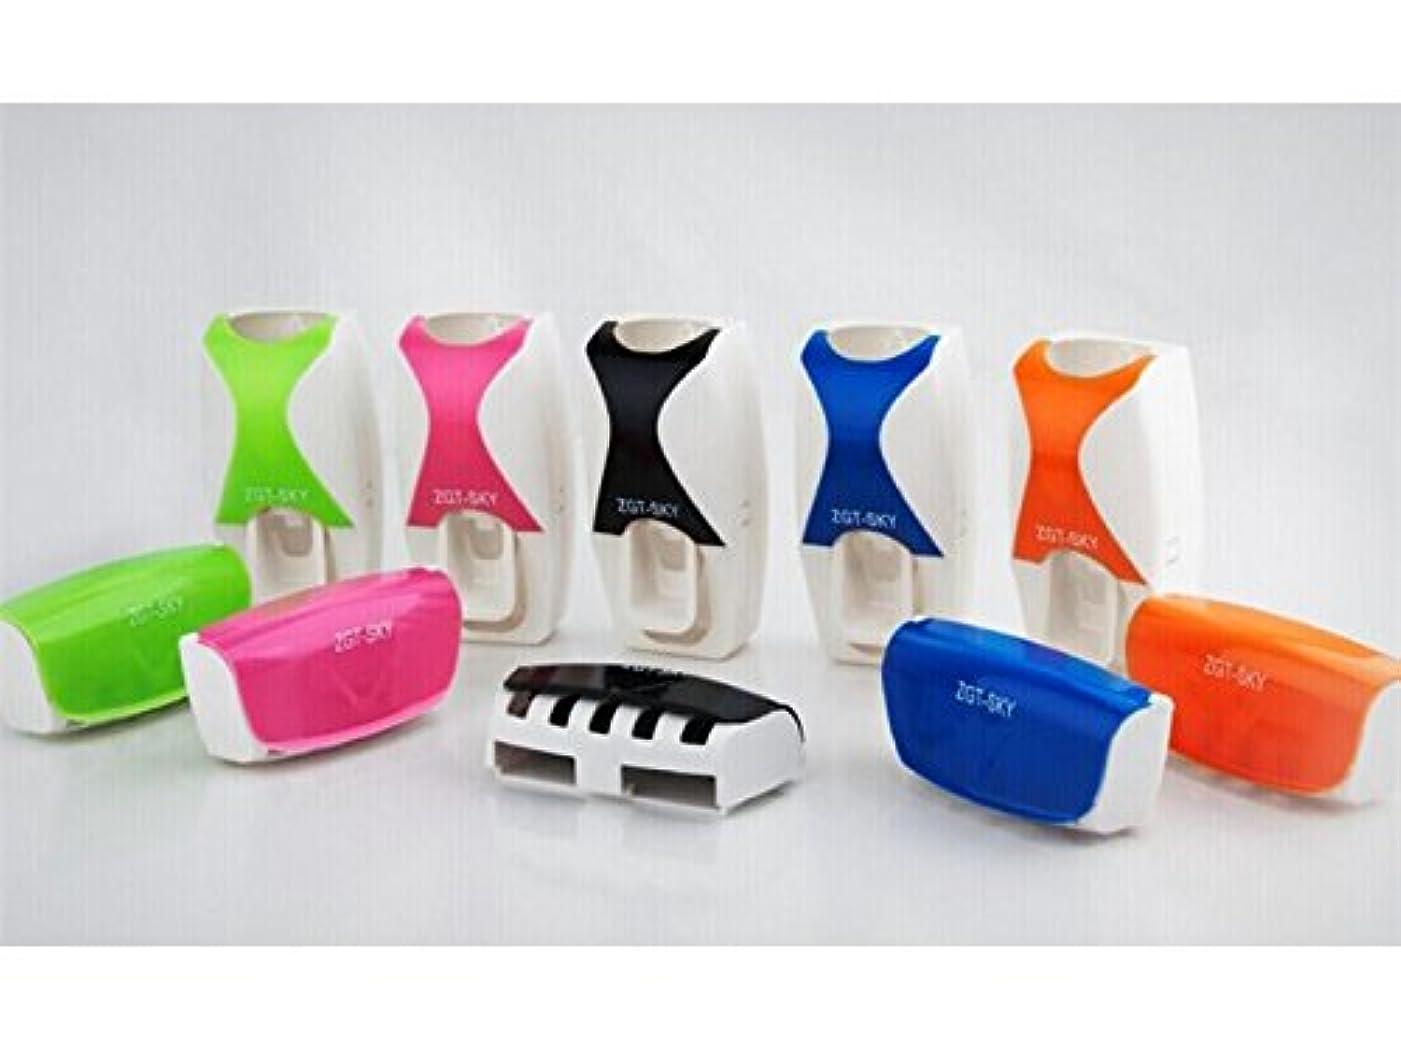 感謝する低いベストOside クリエイティブバスルーム自動歯磨き粉ディスペンサー+歯ブラシホルダーウォッシュセット(ランダムカラー)